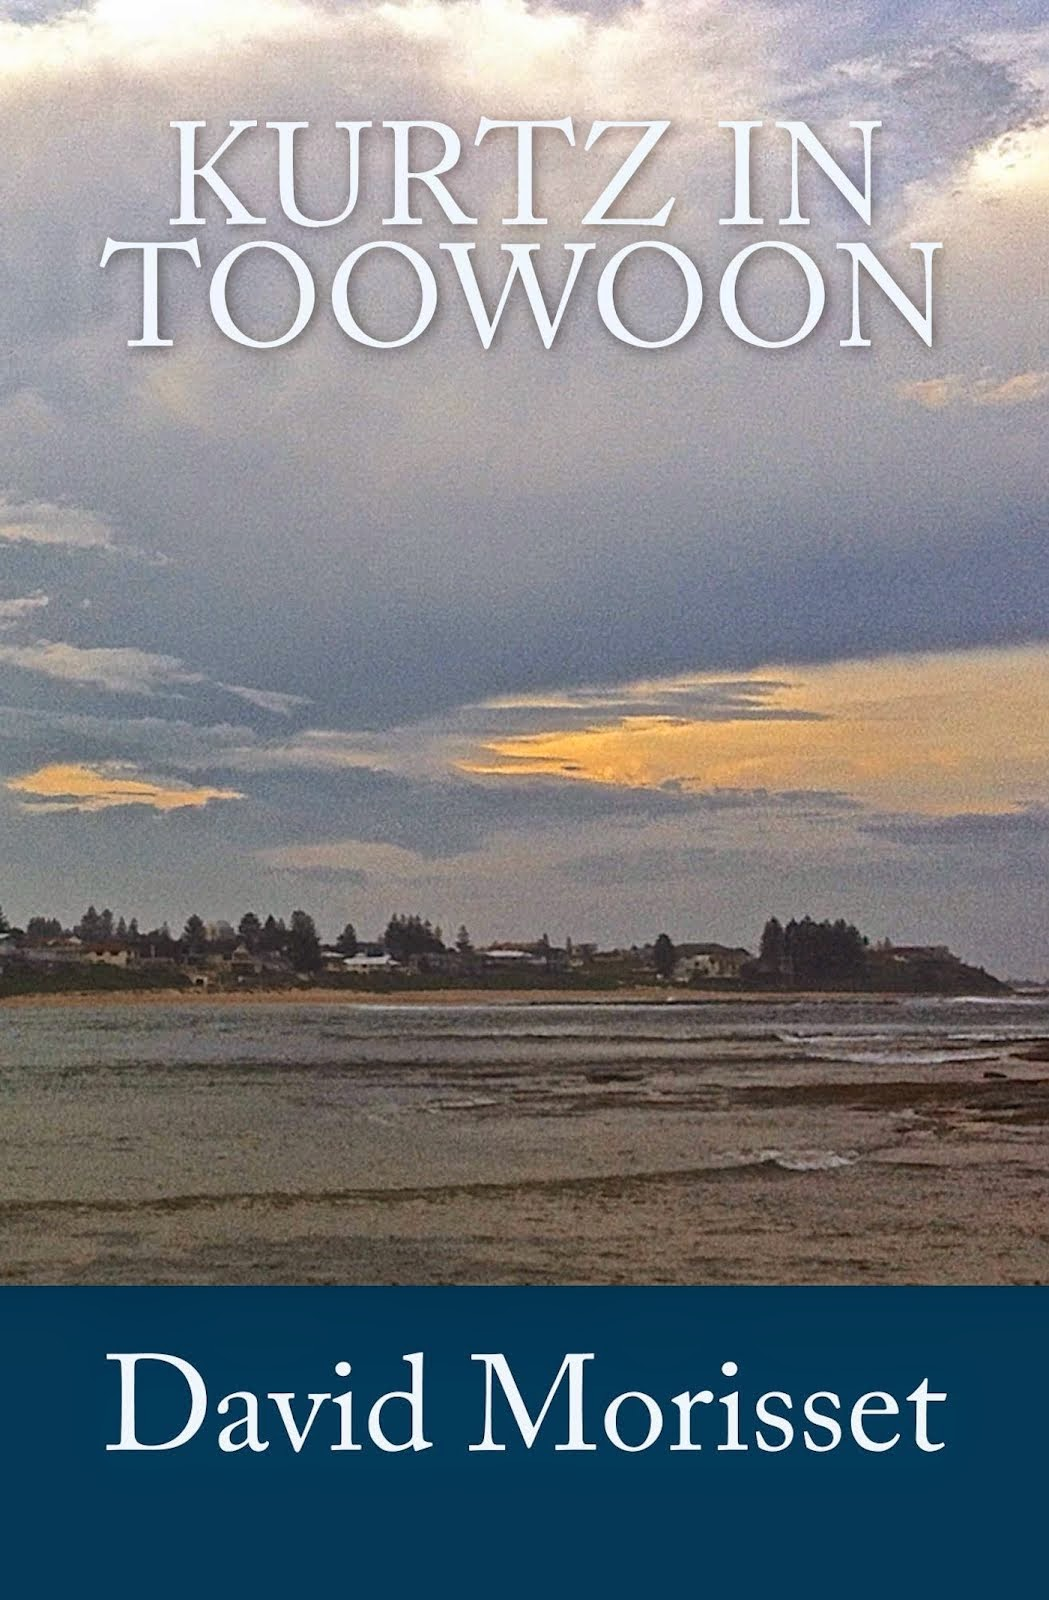 KURTZ IN TOOWOON